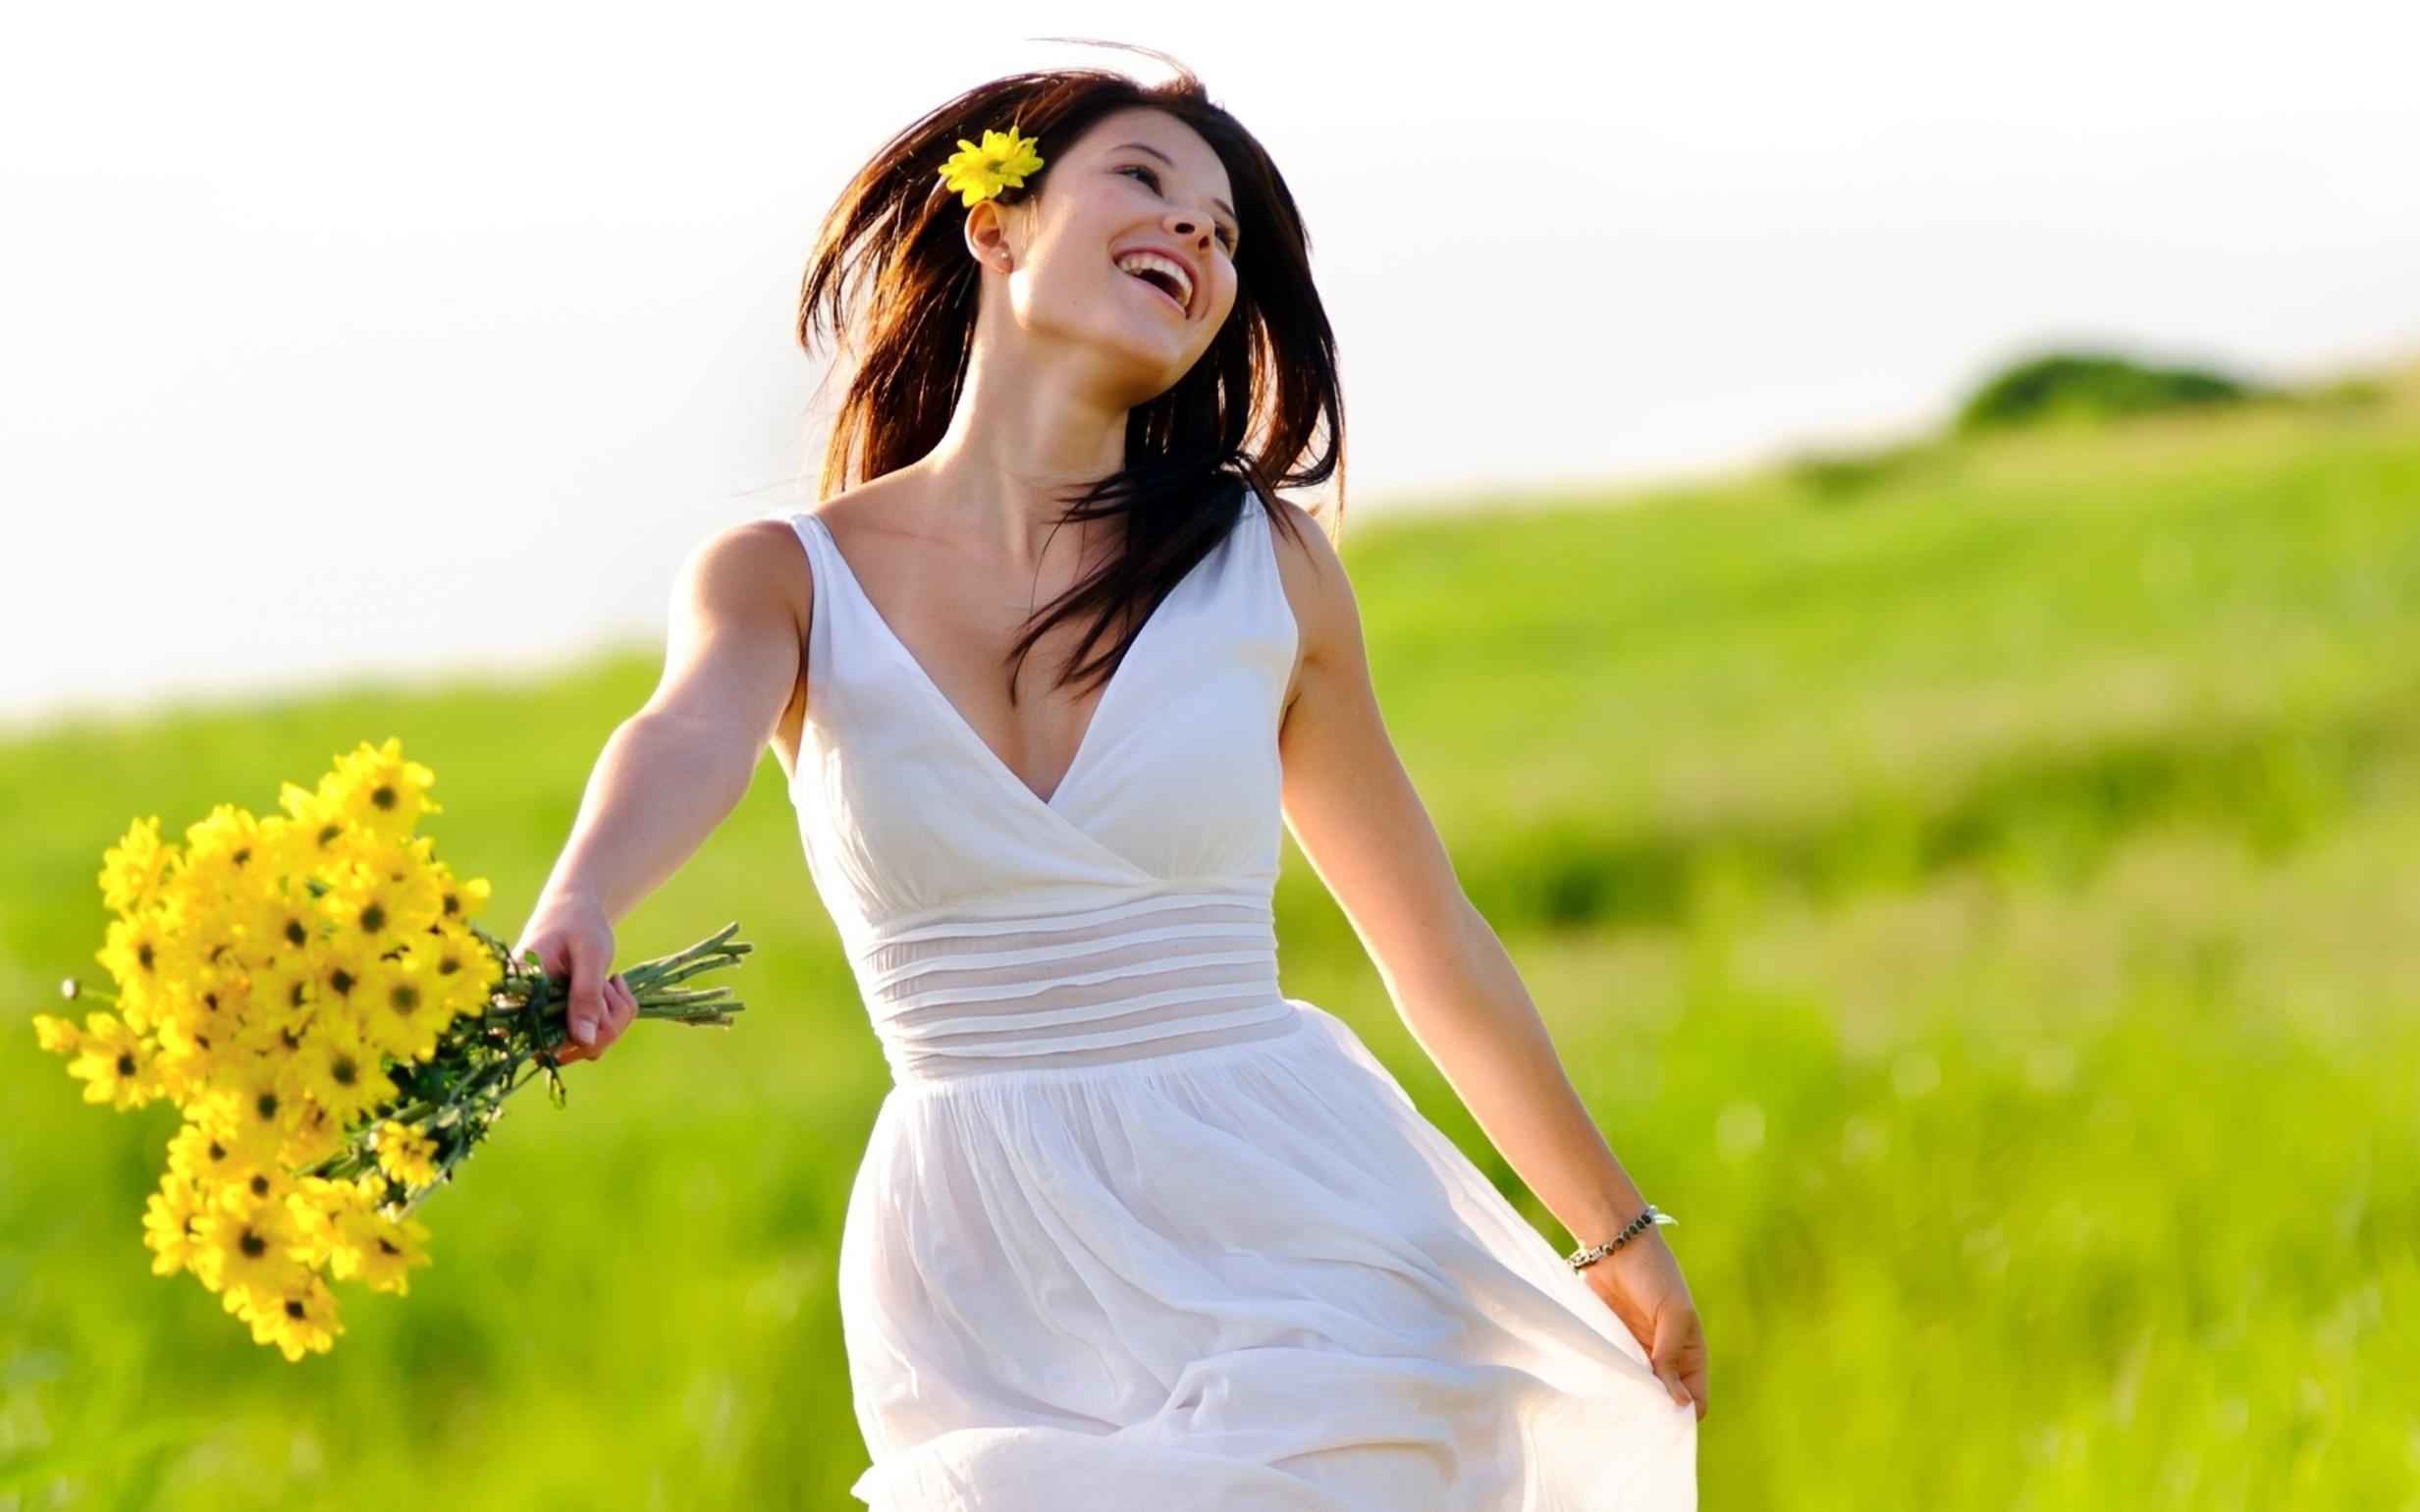 Chica y flores amarillas - 2465x1540